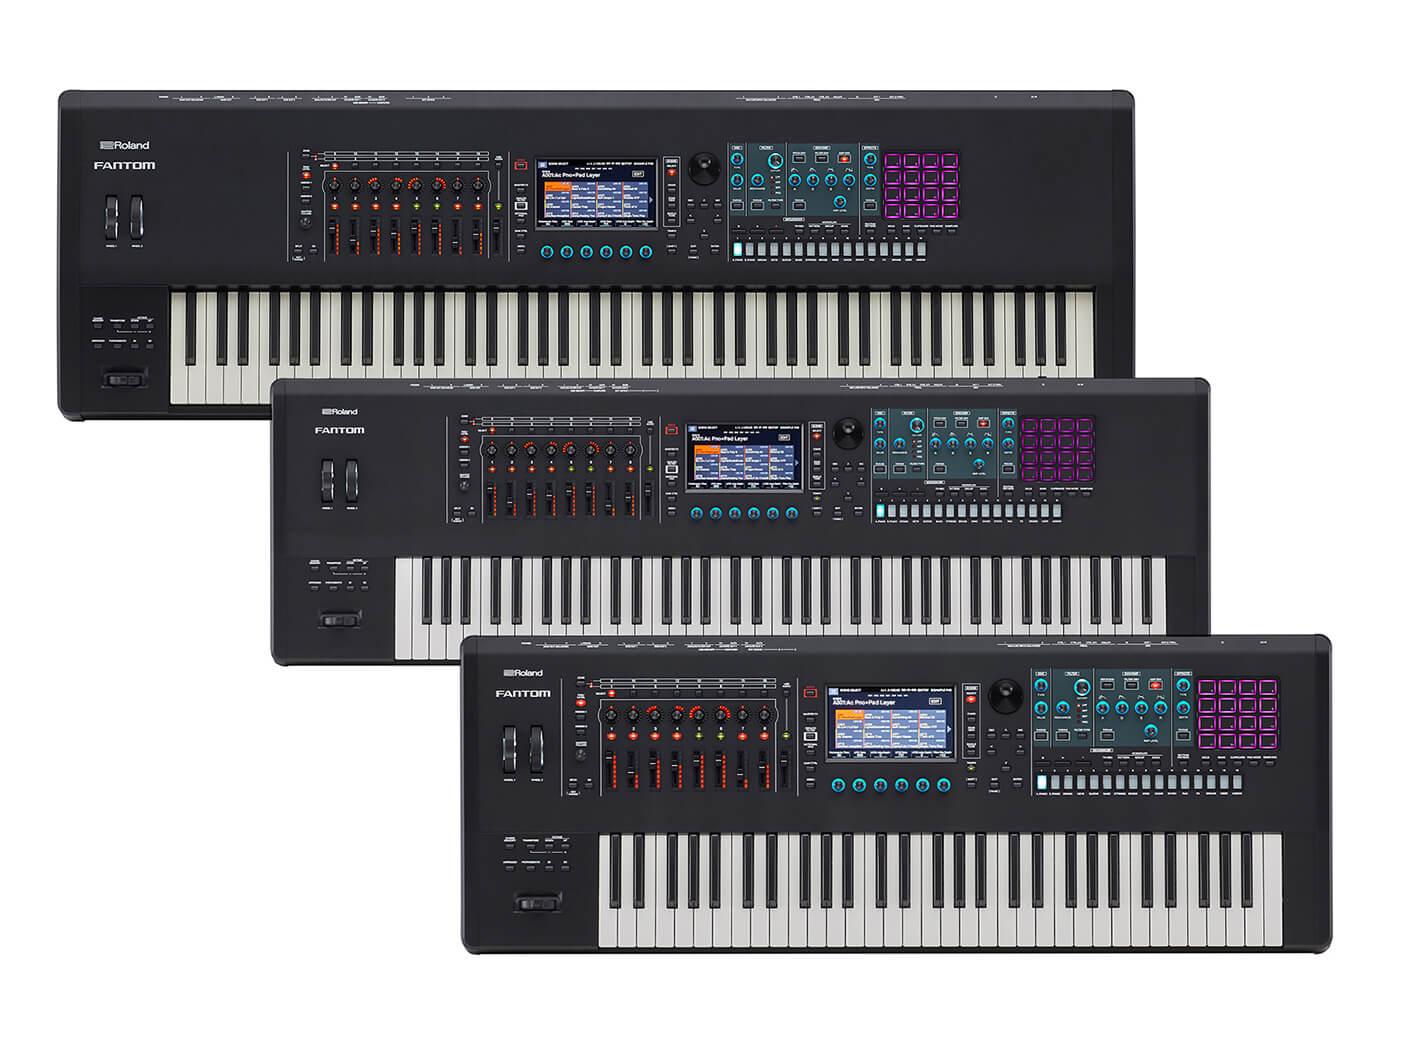 Roland Fantom keyboards group shot